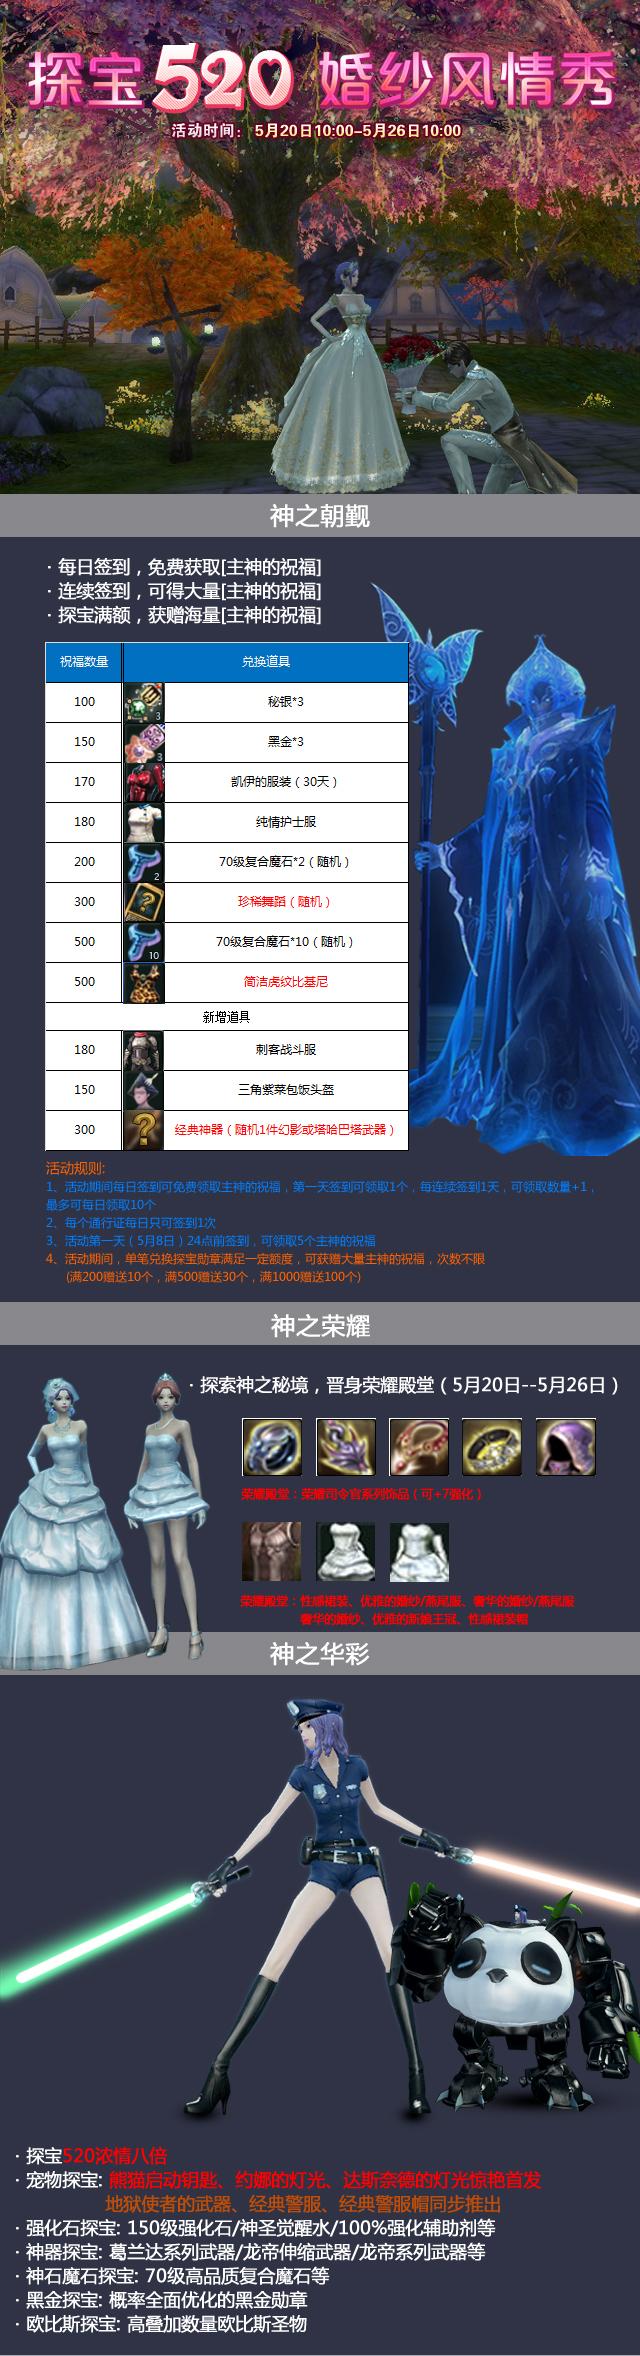 永恒之塔:探宝520 婚纱风情秀